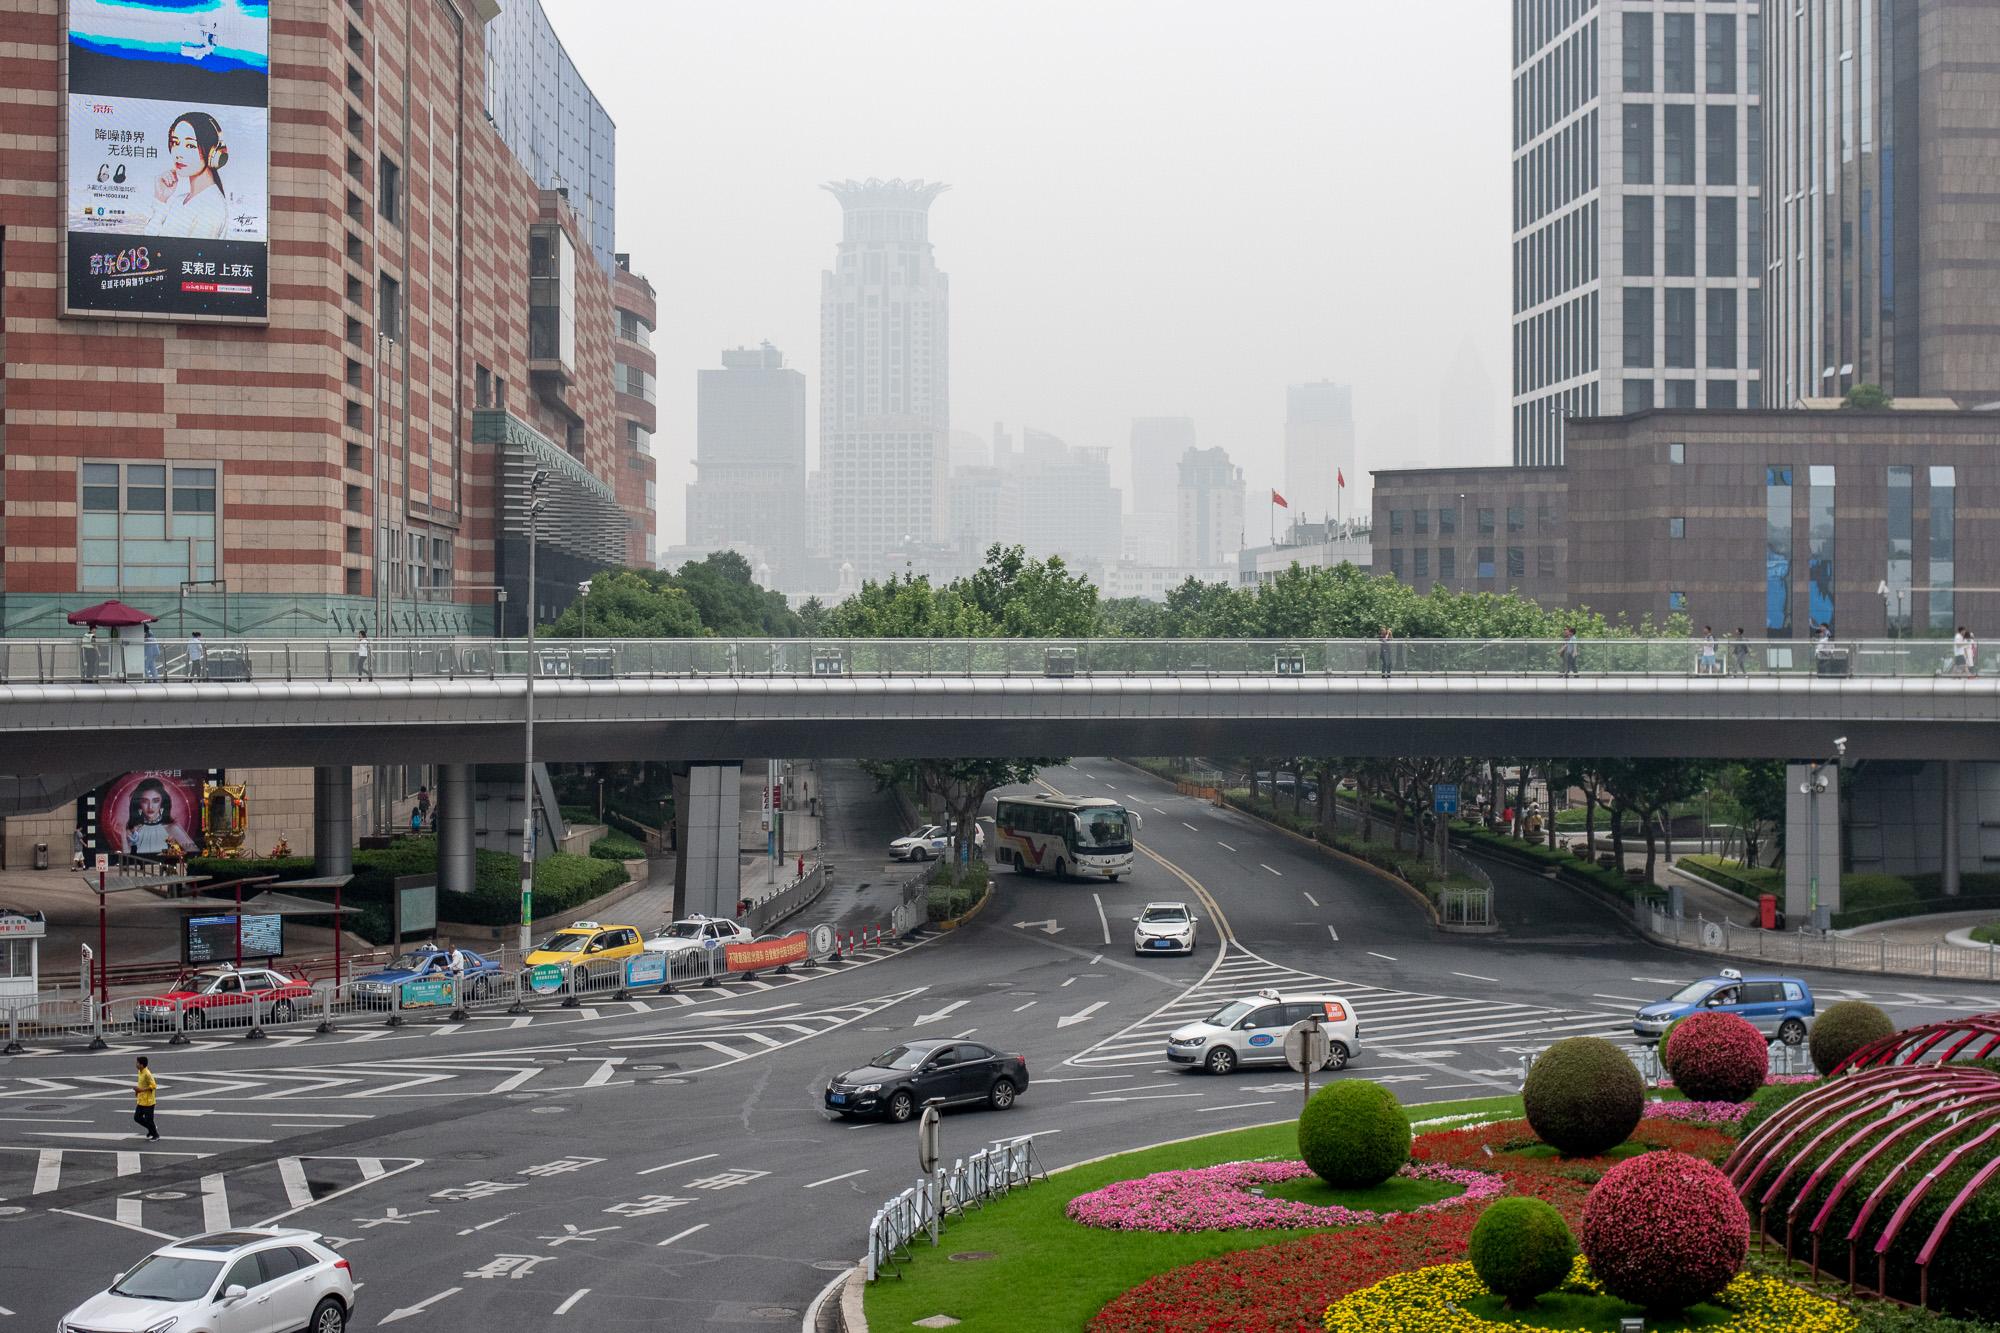 Как я поднялся на шанхайскую «открывашку» и что я оттуда увидел © Техномод